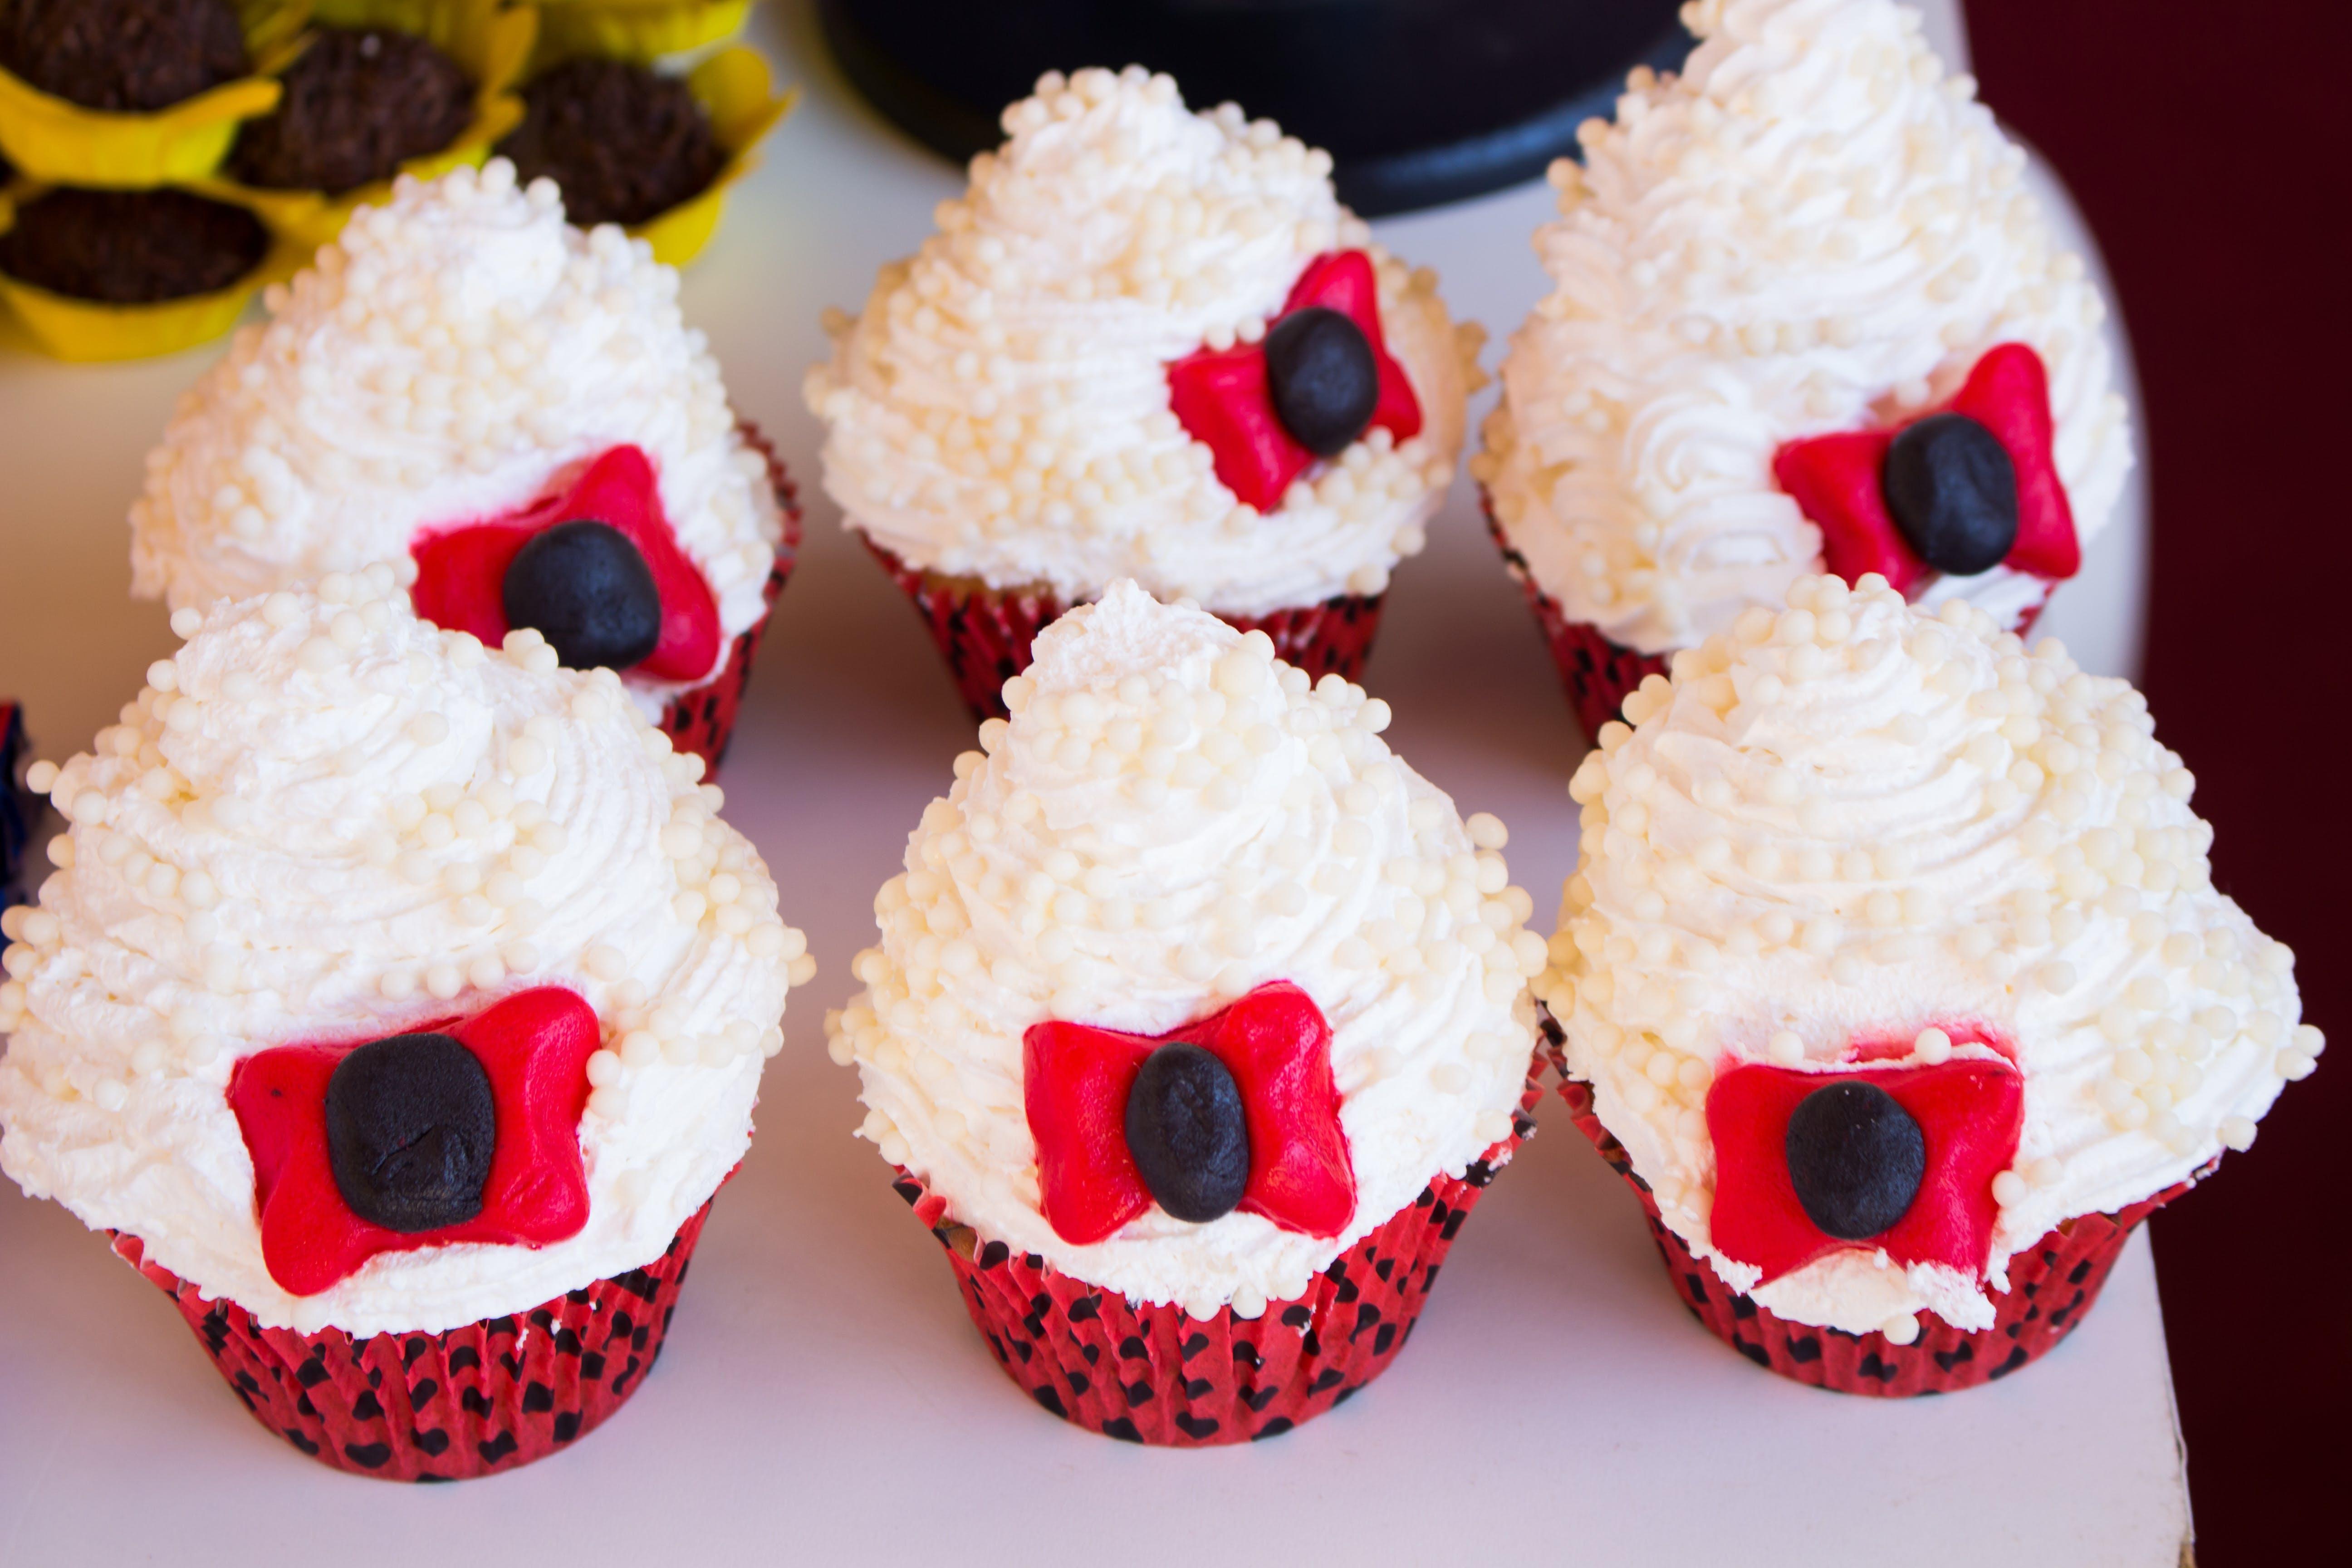 Kostenloses Stock Foto zu cupcake, geburtstag, süßigkeiten, süßigkeitenladen